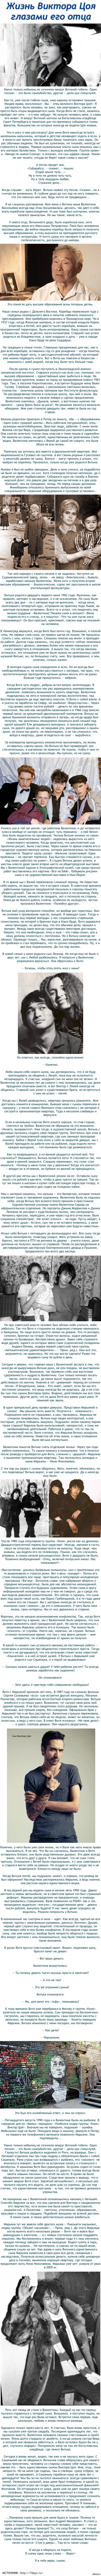 Жизнь Виктора Цоя глазами его отца